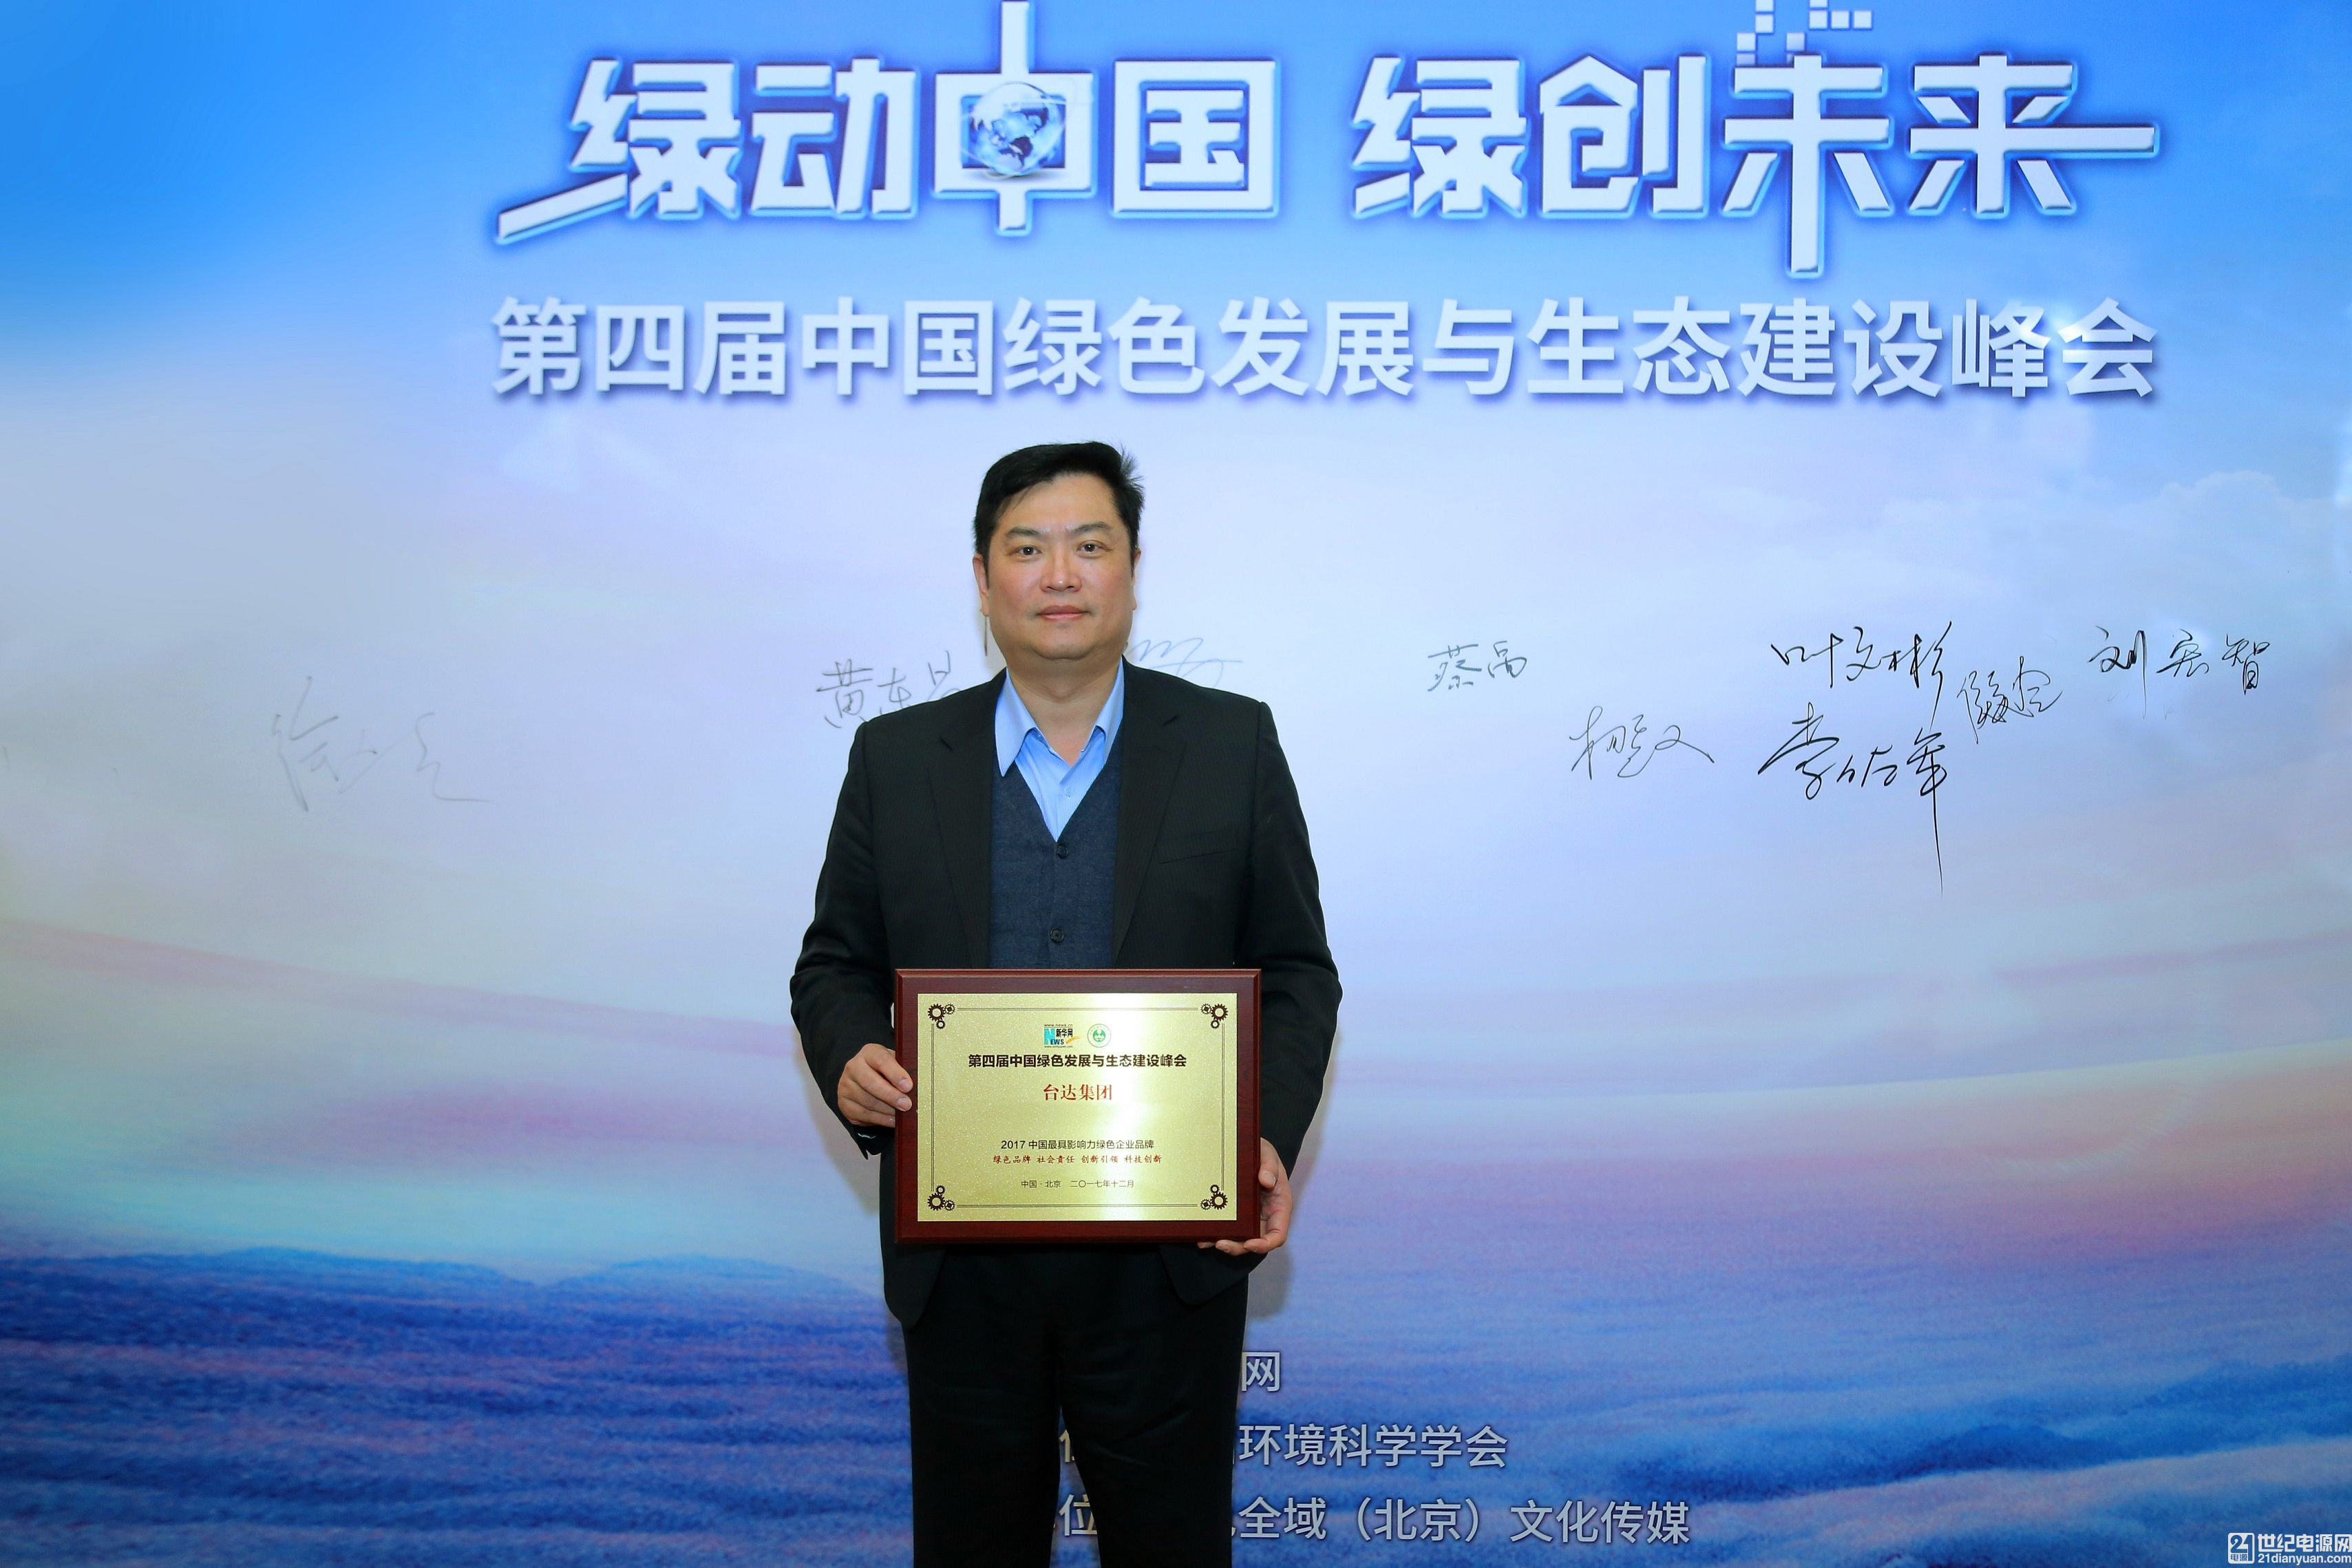 """共话绿色中国,共创绿动未来 台达荣获""""2017中国最具影响力绿色企业品牌"""""""